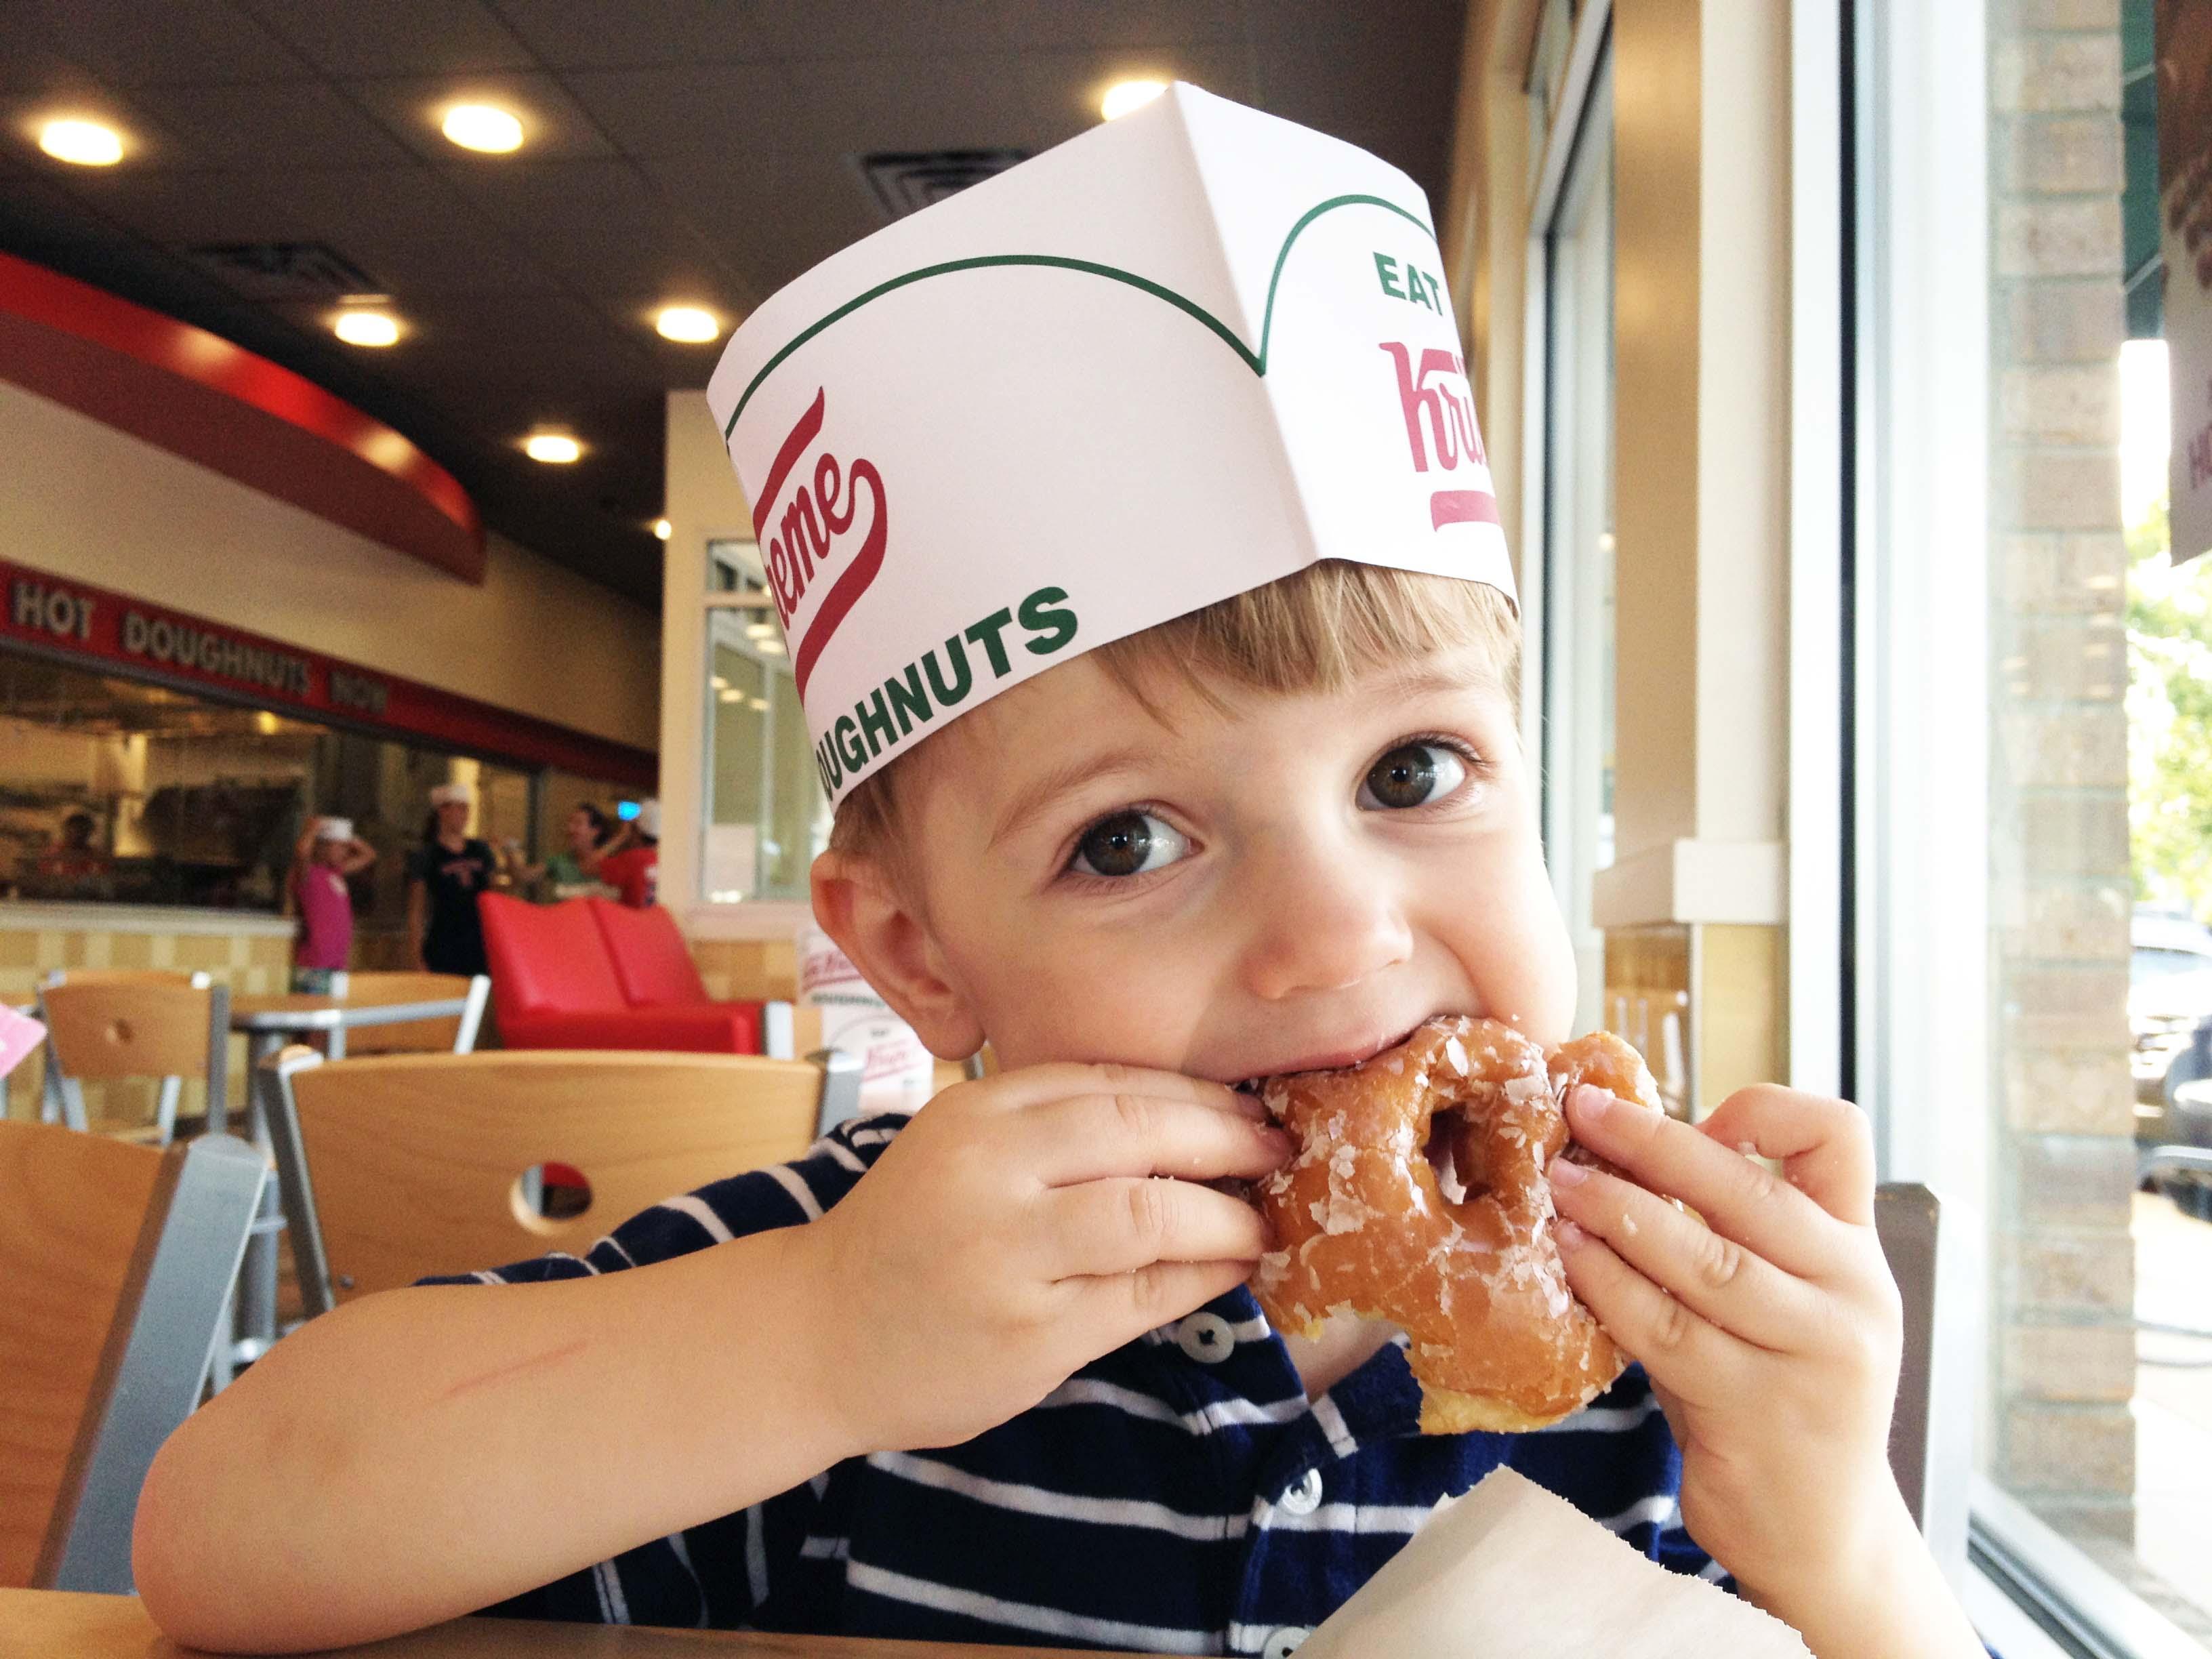 Salty eats a Krispy Kreme